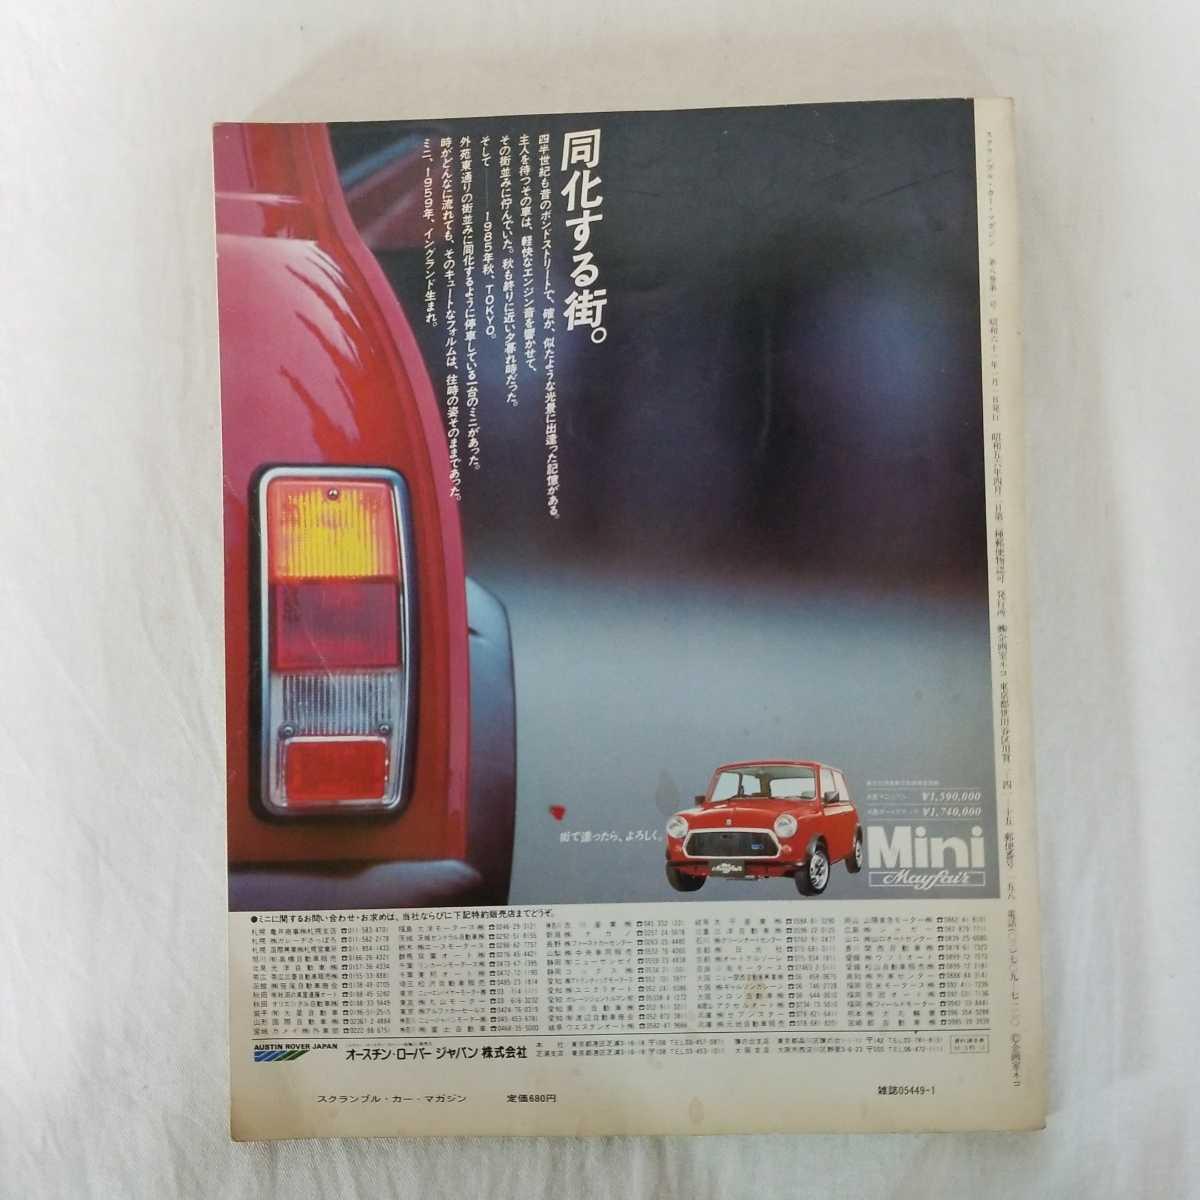 スクランブル・カー・マガジン SCRAMBLE CAR MAGAZINE 71 1986年1月号 ポルシェ ジャガー ヴィンテージ フェラーリ ベンツ_画像2